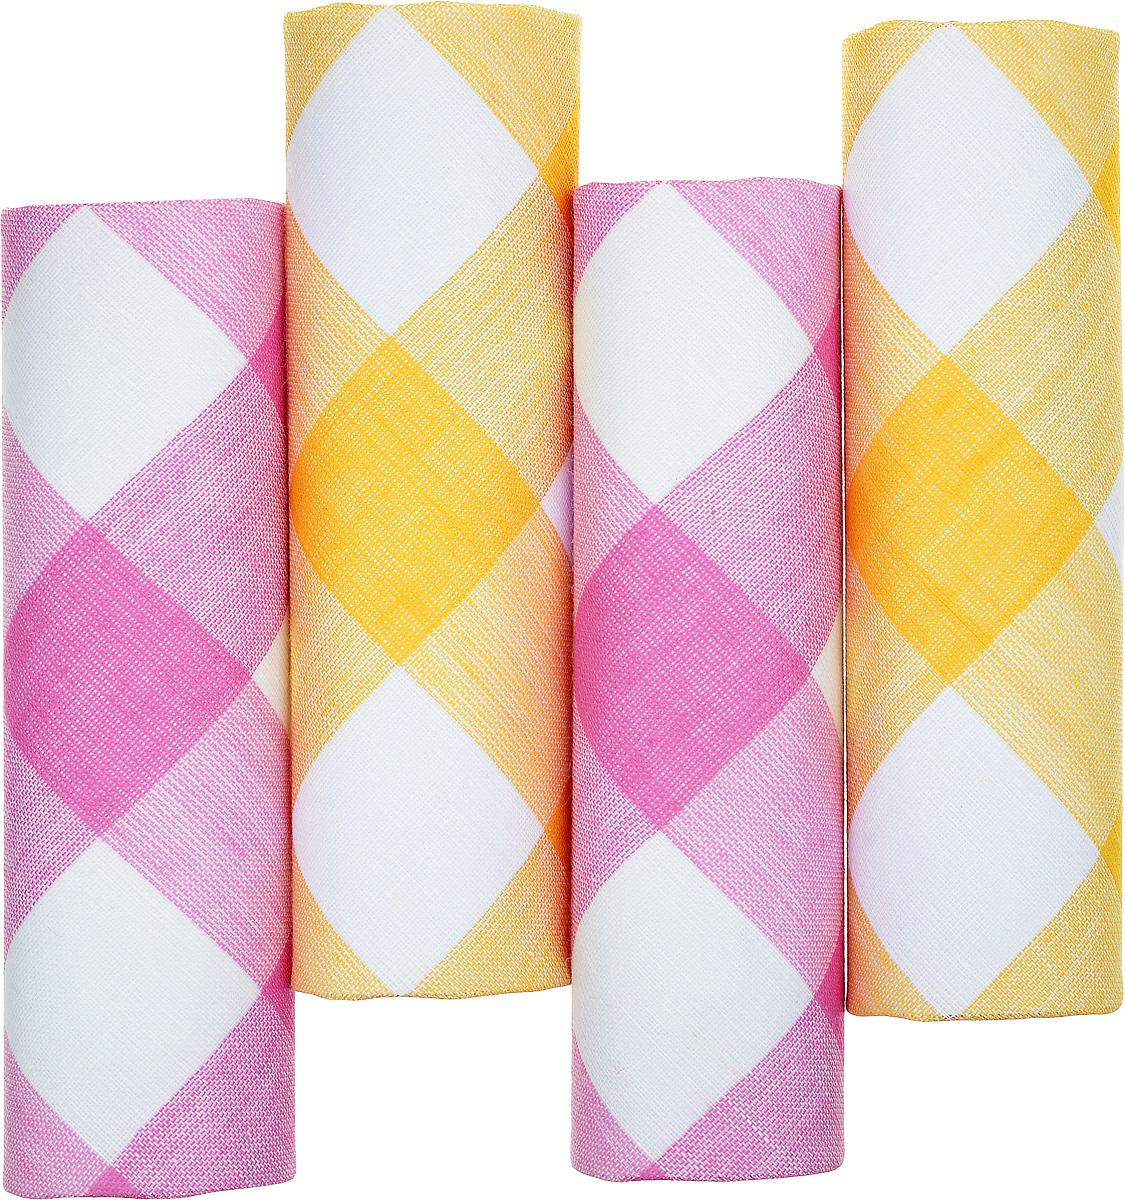 Платок носовой женский Zlata Korunka, цвет: белый, розовый, желтый. 71420-8. Размер 29 х 29 см, 4 шт71420-8Носовой платок Zlata Korunka изготовлен из высококачественного натурального хлопка, благодаря чему приятен в использовании, хорошо стирается, не садится и отлично впитывает влагу. Практичный и изящный носовой платок будет незаменим в повседневной жизни любого современного человека. Такой платок послужит стильным аксессуаром и подчеркнет ваше превосходное чувство вкуса. В комплекте 4 платка.